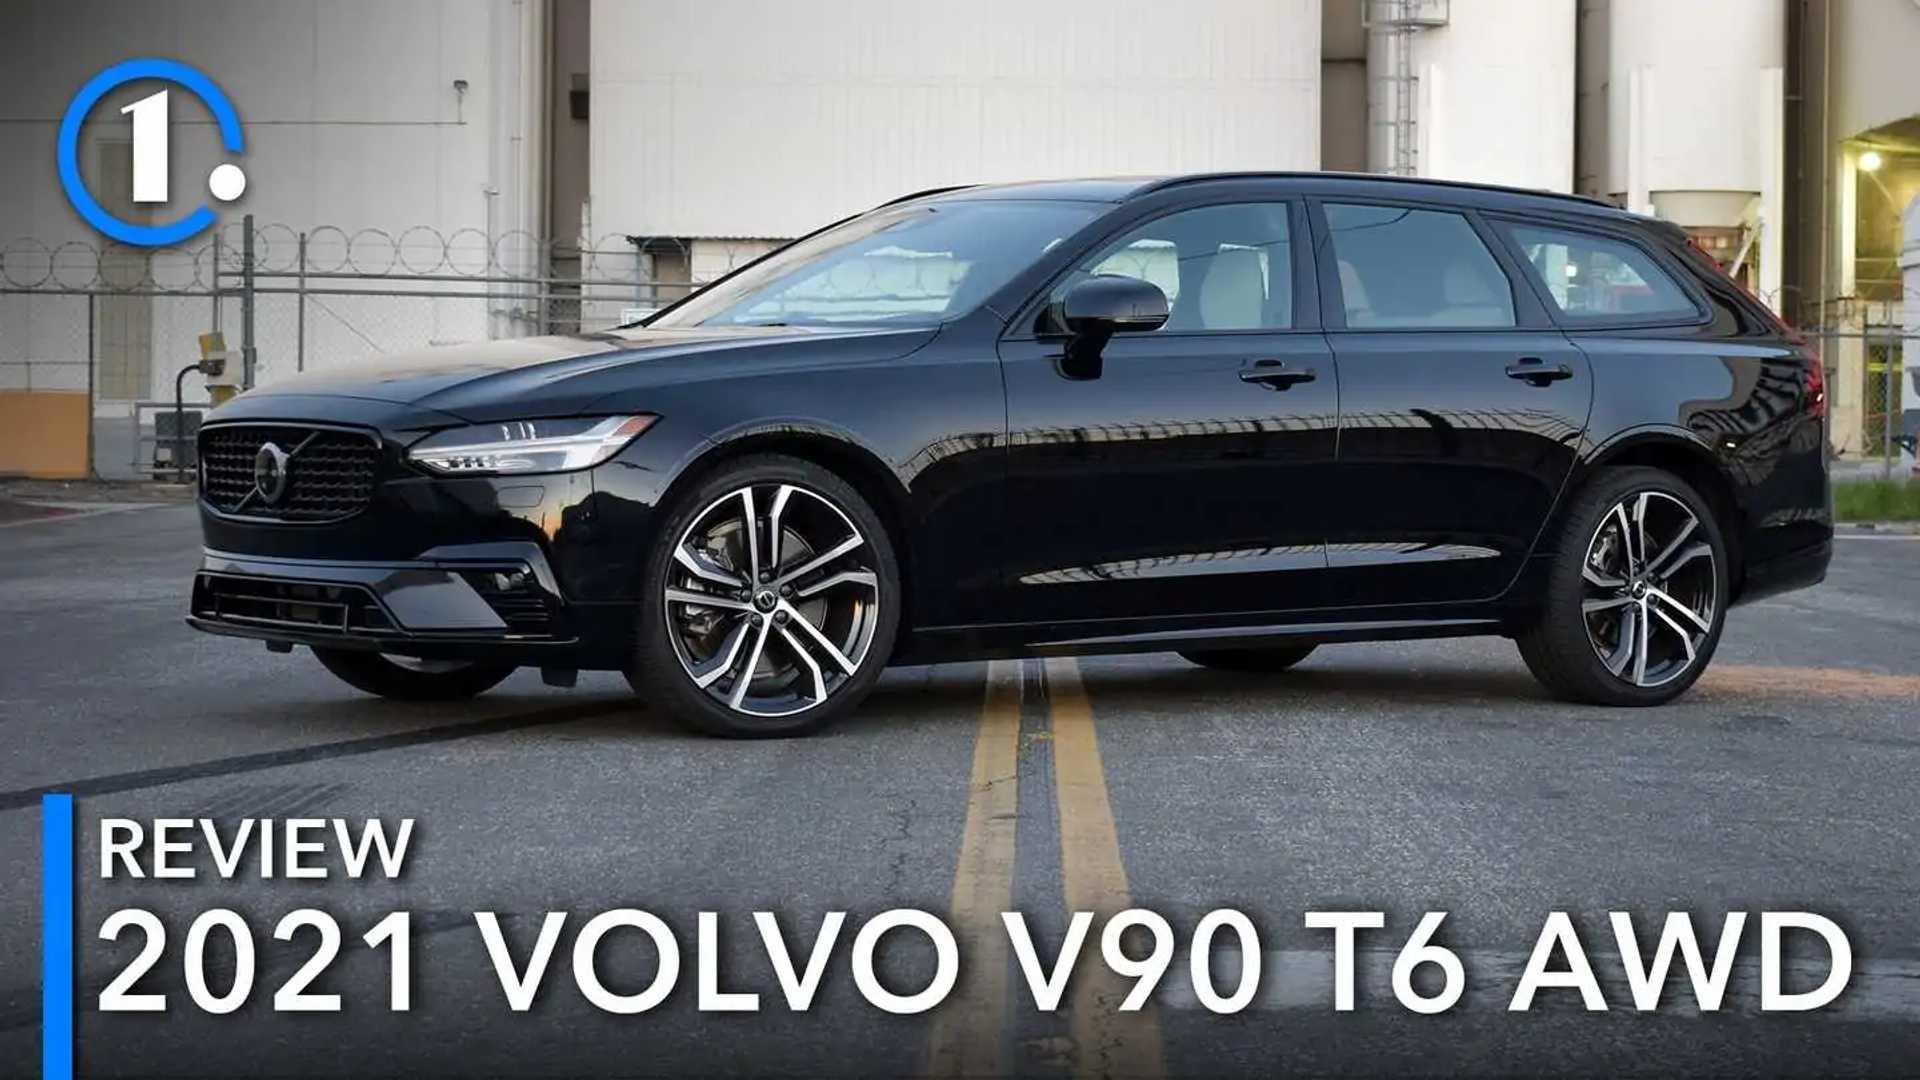 Обзор Volvo V90 T6 AWD R-Design 2021 года: единорог на каждый день